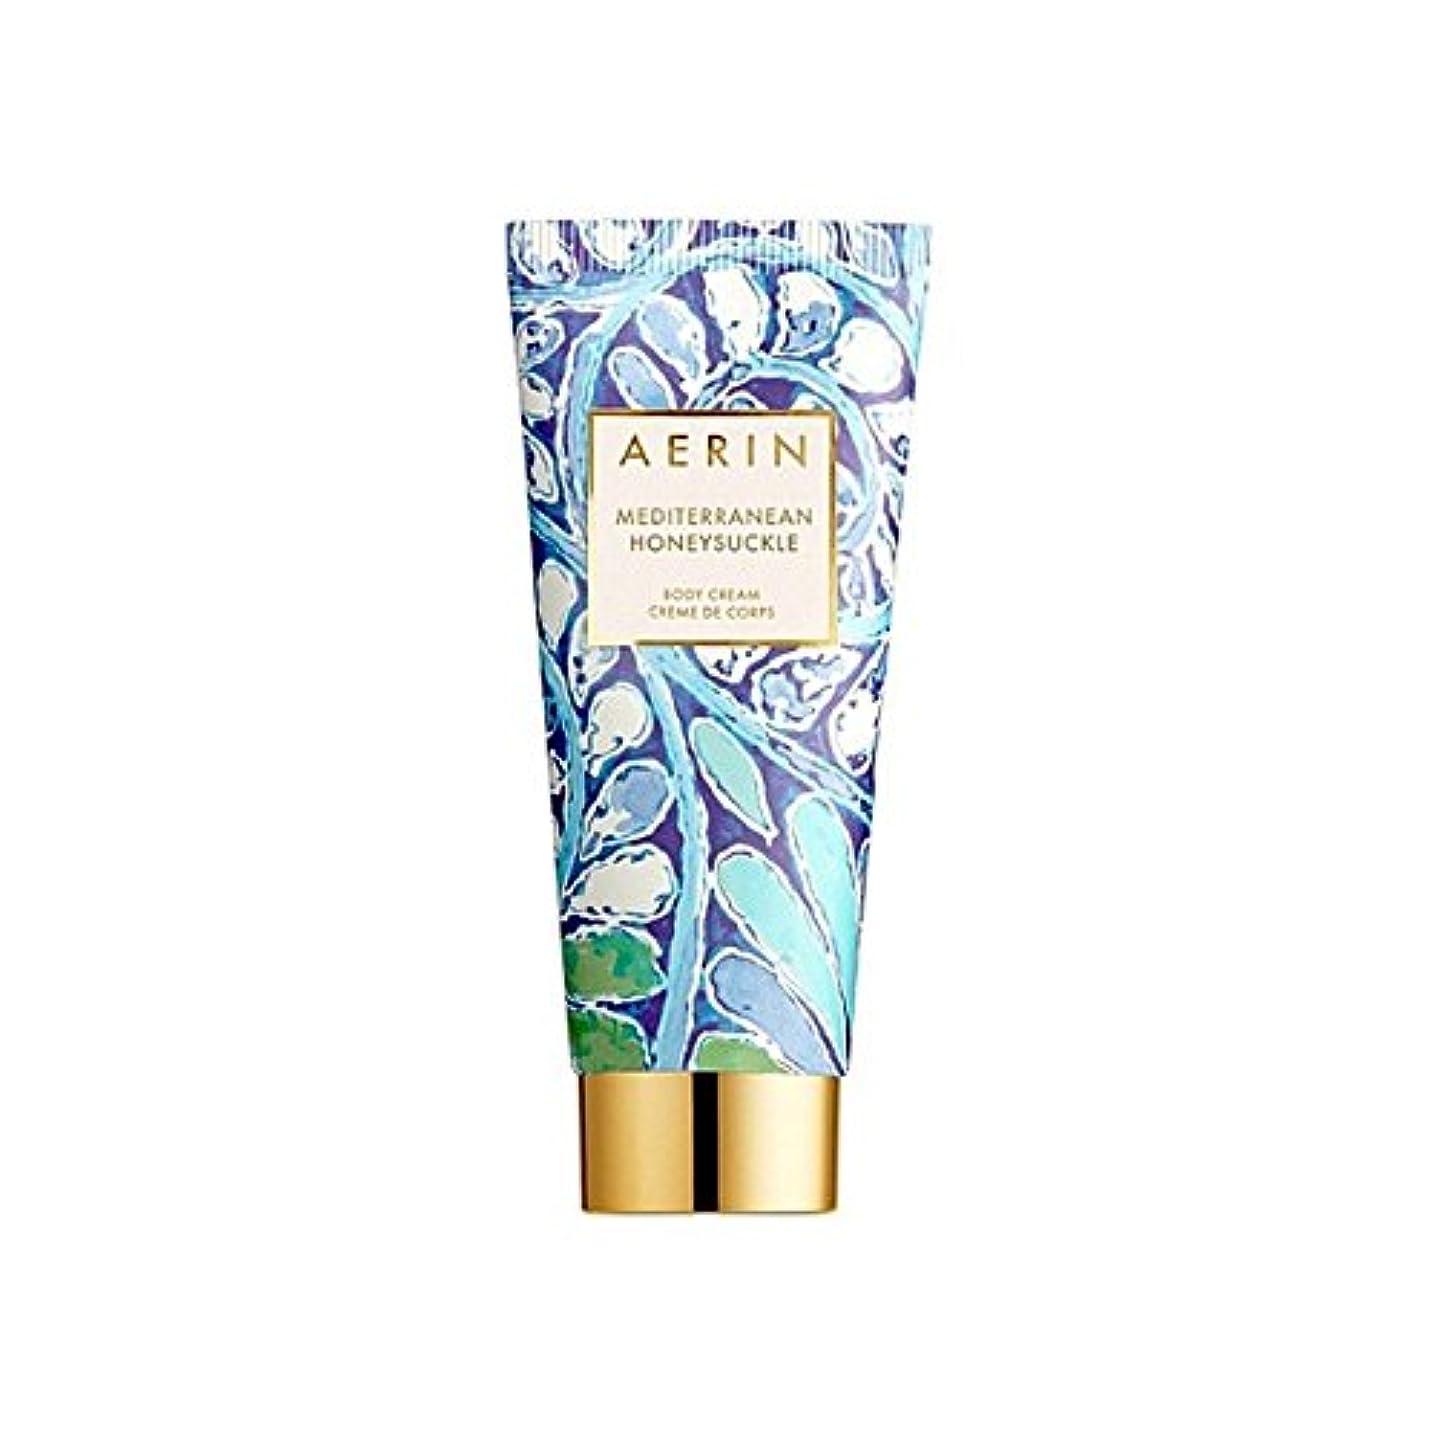 怪しいレジ一貫したAerin Mediterrenean Honeysuckle Body Cream 150ml - スイカズラボディクリーム150ミリリットル [並行輸入品]